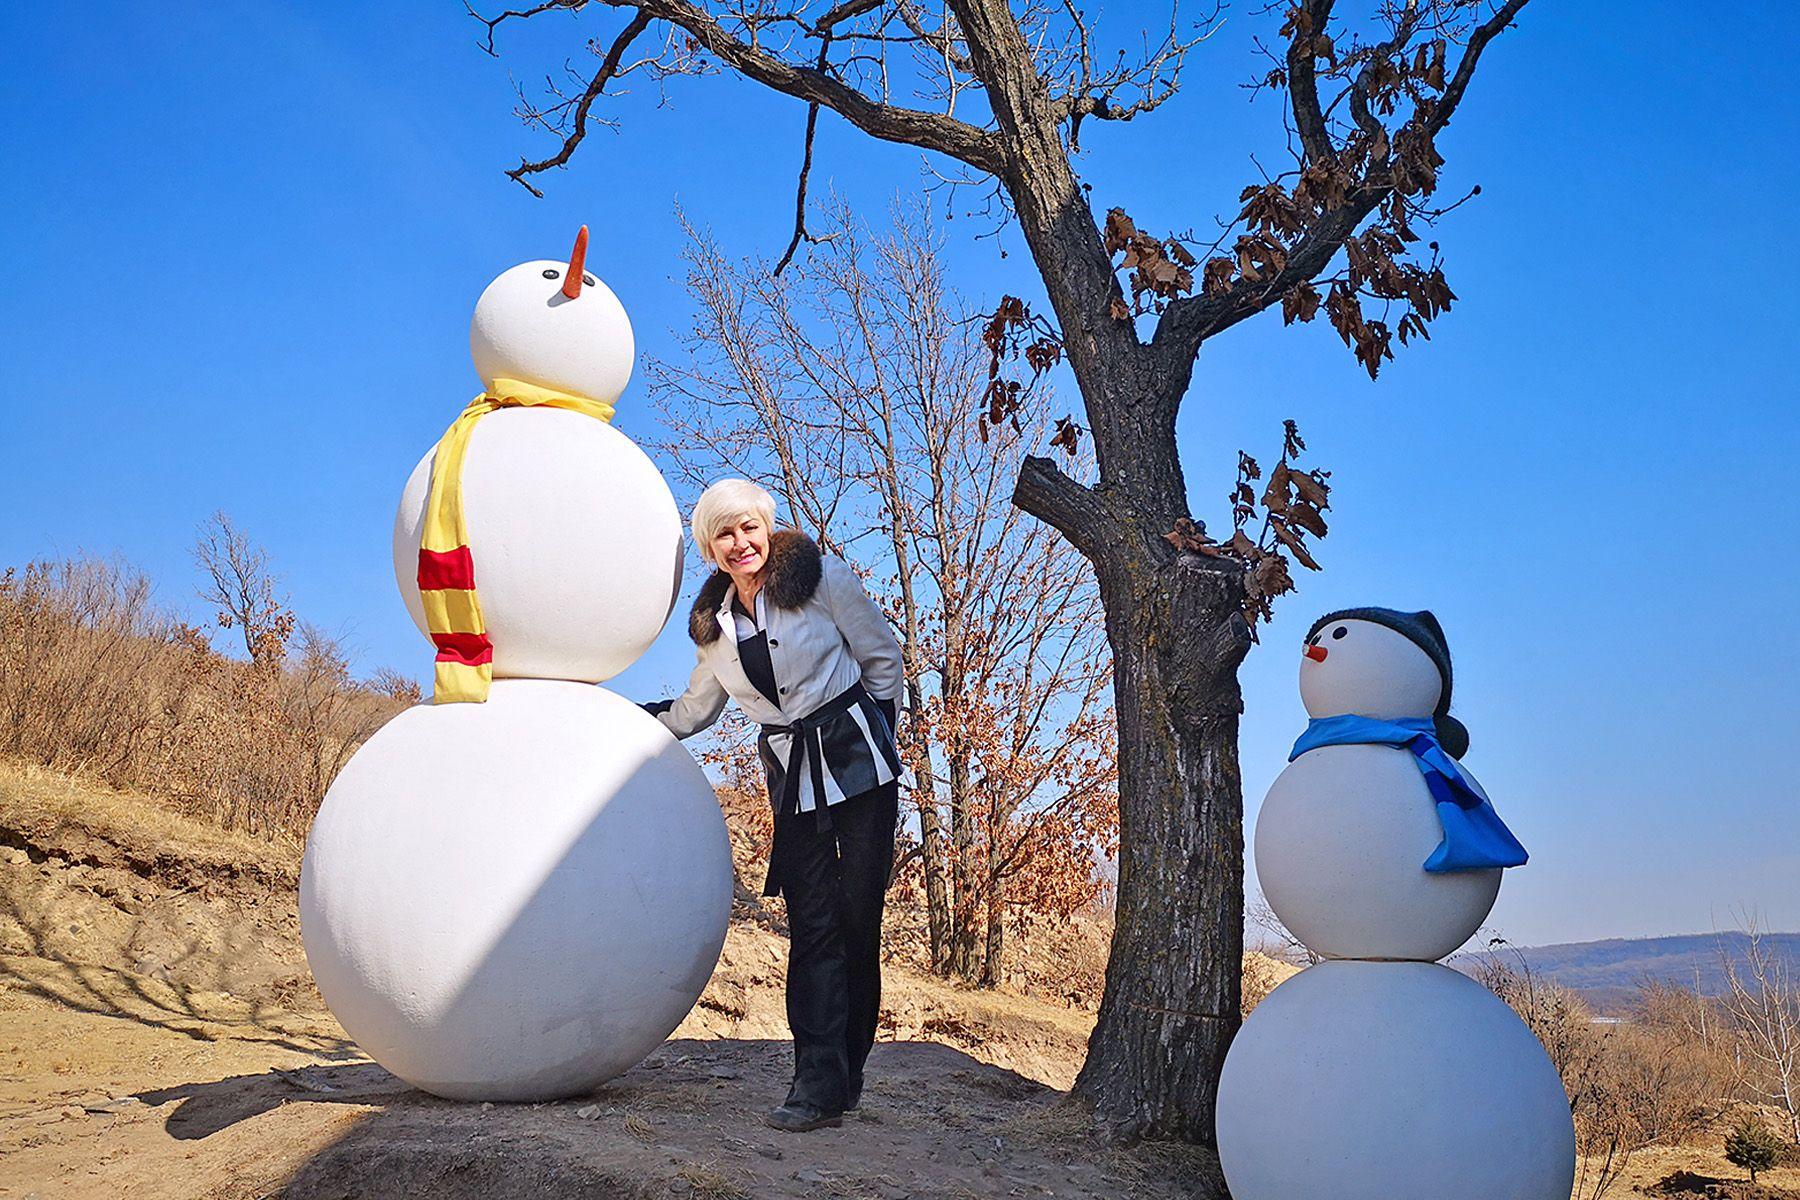 Выходной день ВГУЭС: проводы зимы по русским традициям